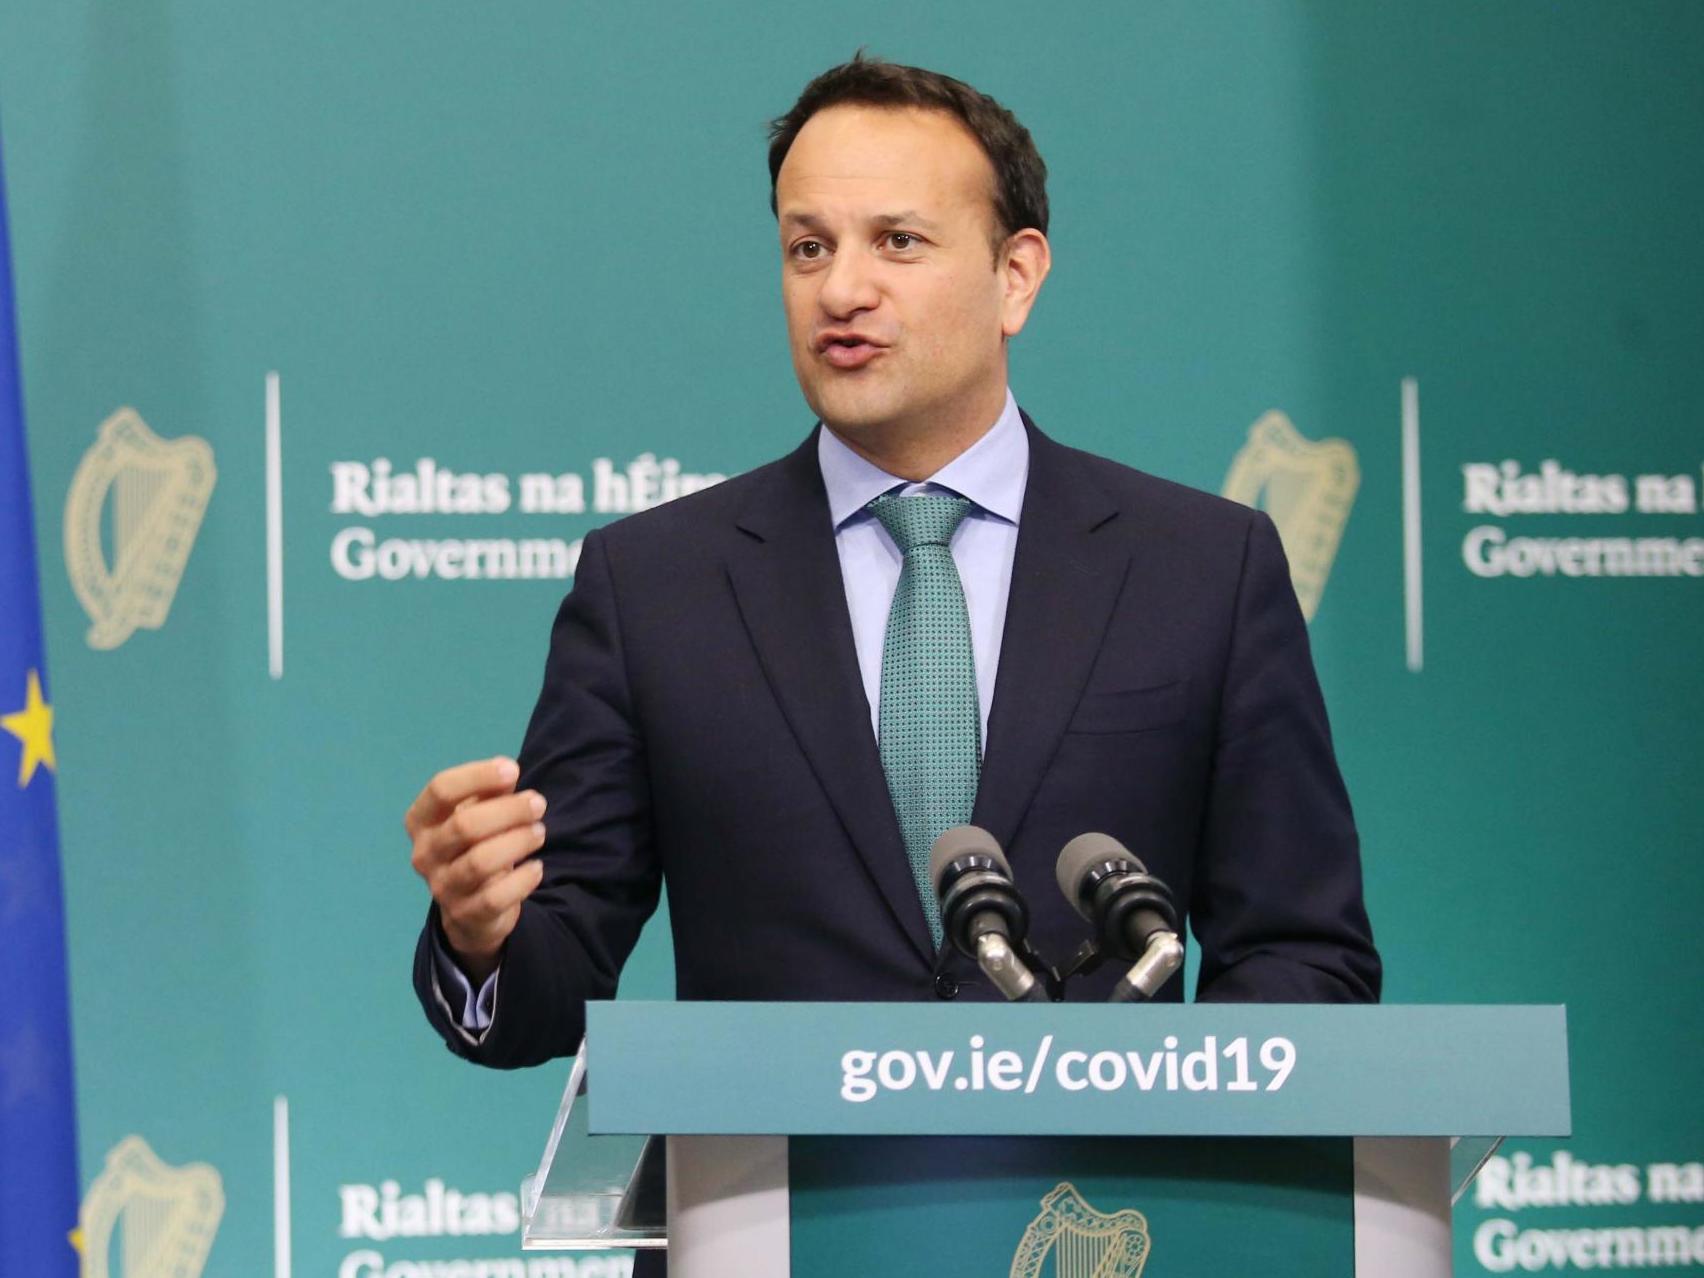 Leo Varadkar: Irish premier denies Dublin park 'picnic' broke lockdown regulations